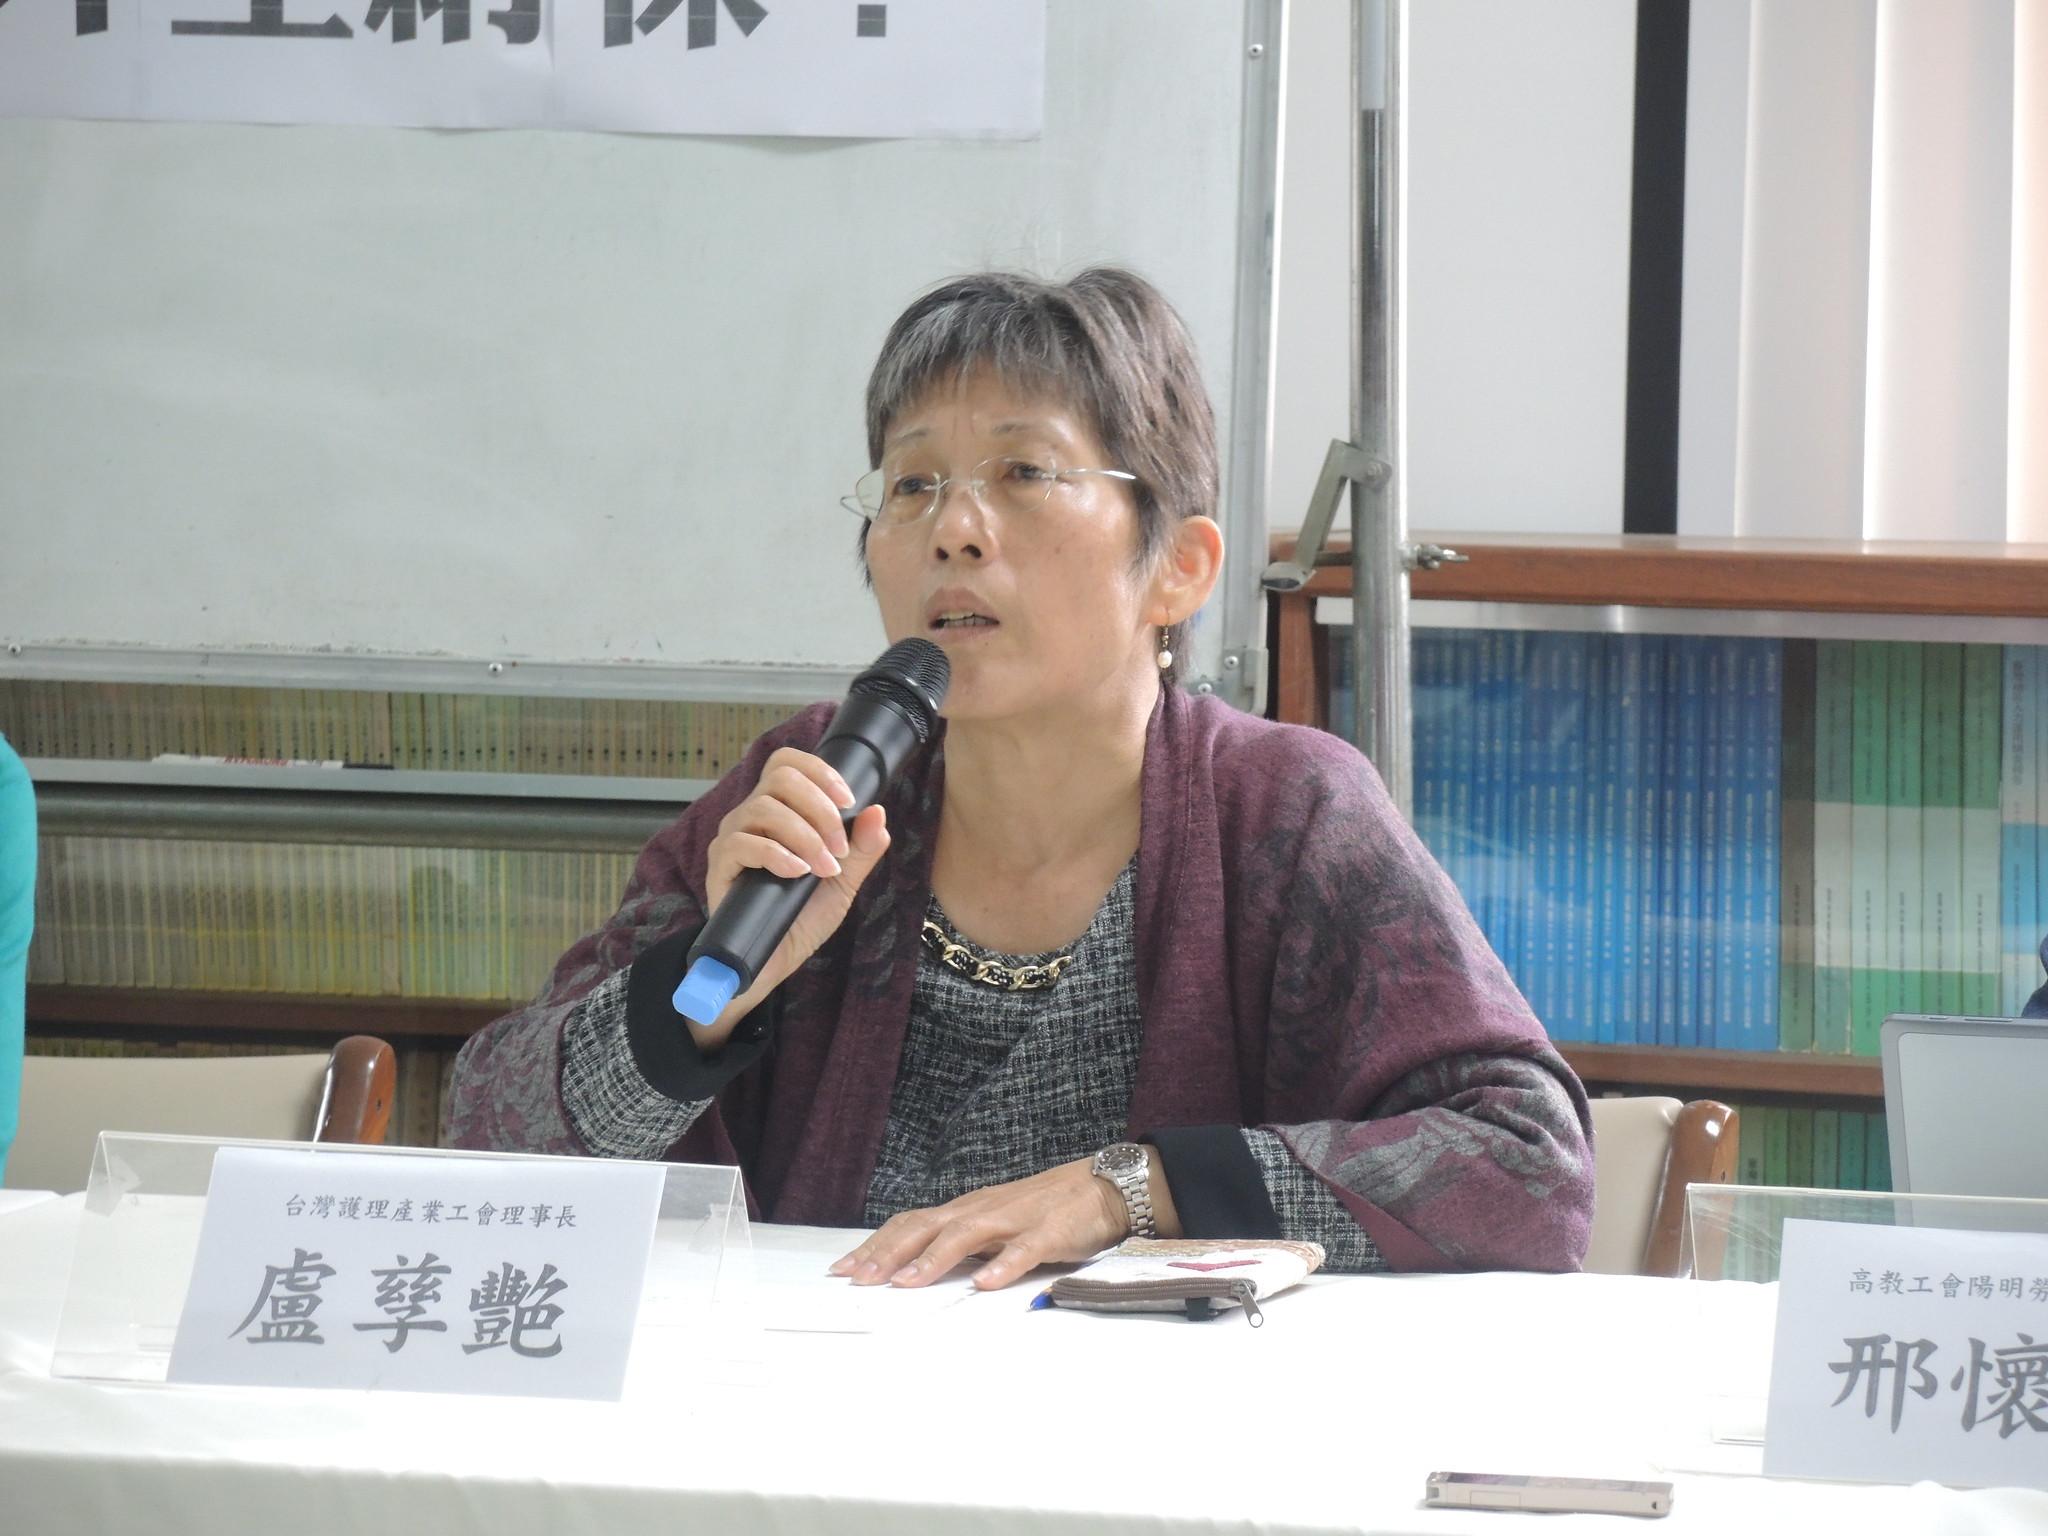 台灣護理產業工會理事長盧孶艷表示,保費是一種就醫服務障礙,提高費用會讓人不敢去看病,減少就醫服務的障礙可以降低提供服務的成本,現在調高境外生保費是背道而馳。